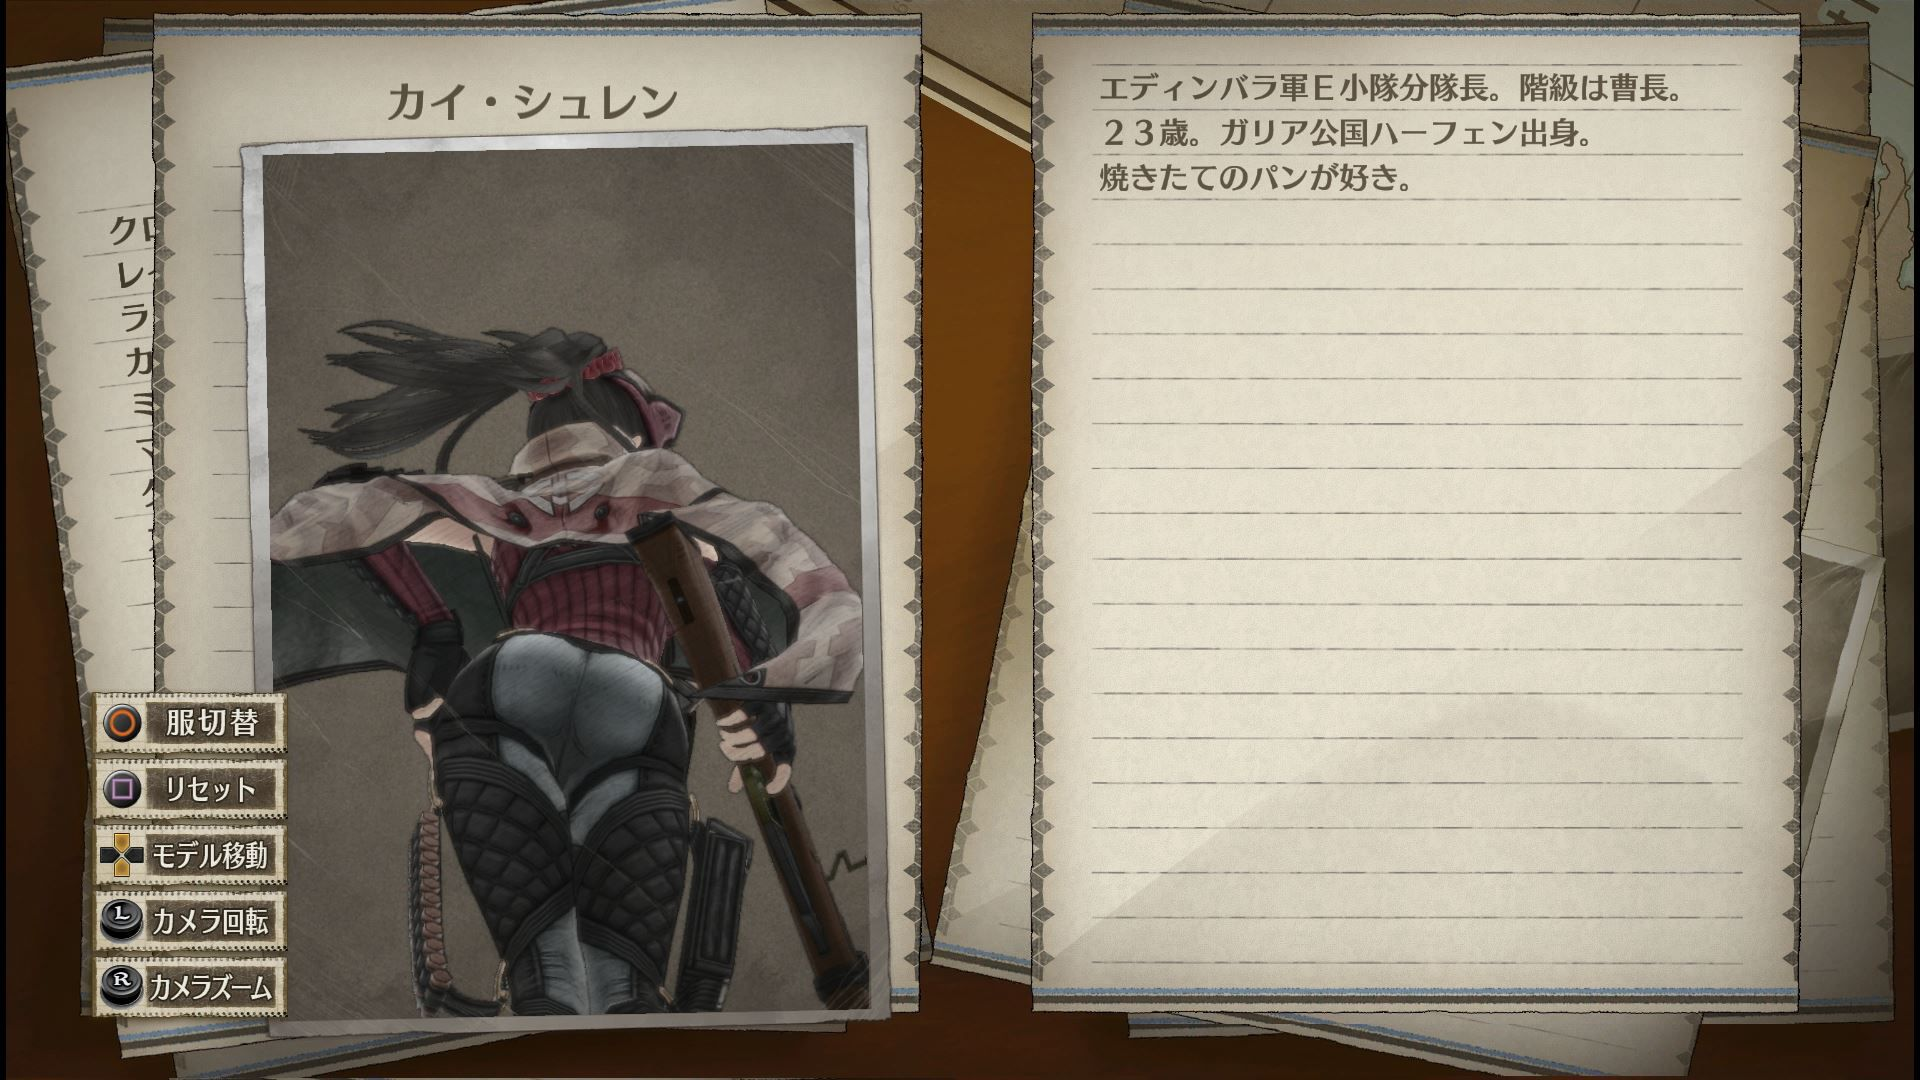 パンツ 一般ゲームの生パンツ画像が大量に集まる場所